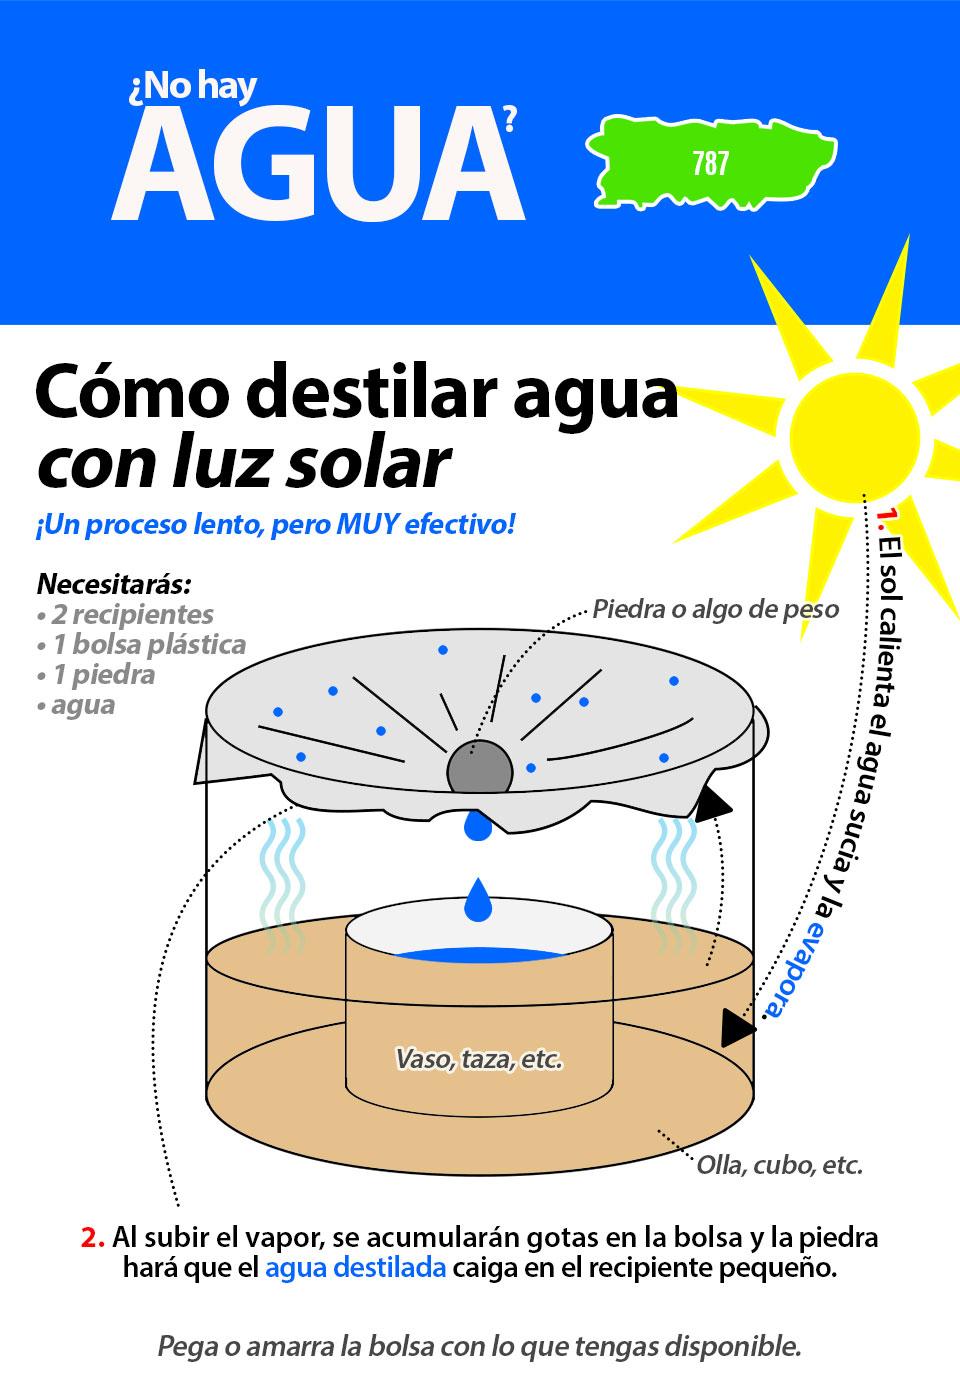 Cómo destilar agua con luz solar.